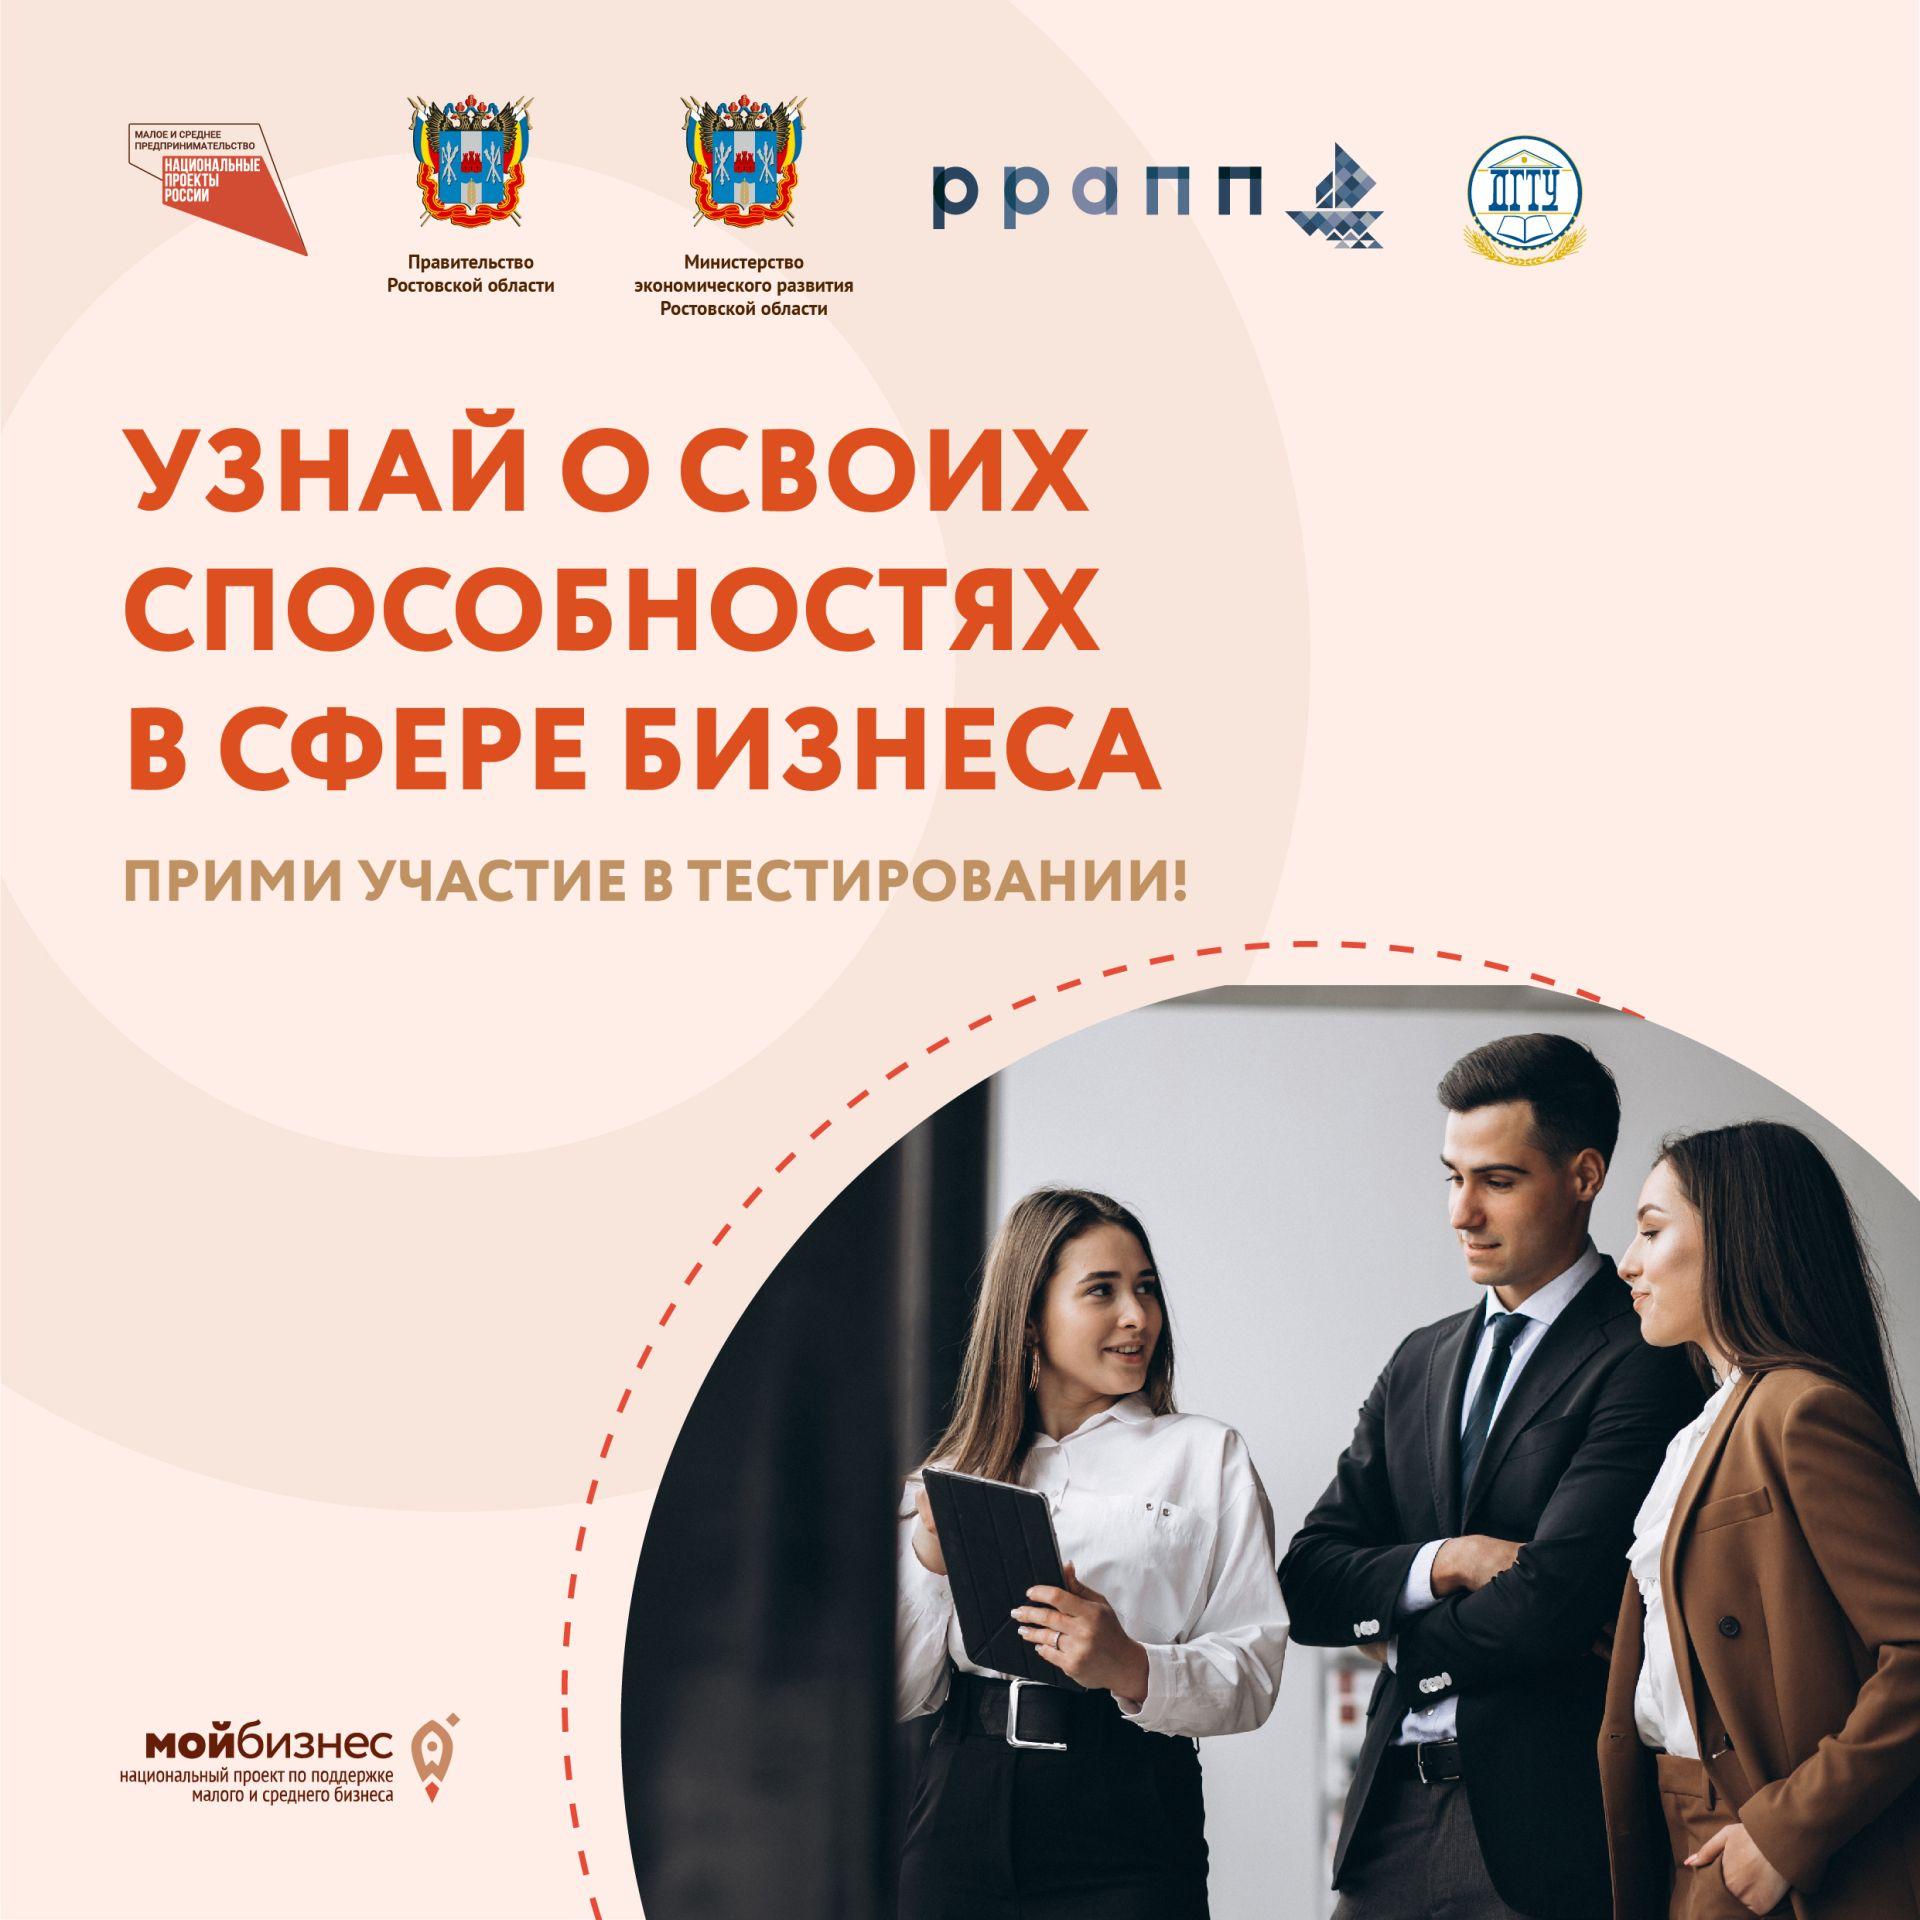 Промежуточные итоги тестирования на выявление предпринимательских способностей подвели в Ростове-на-Дону